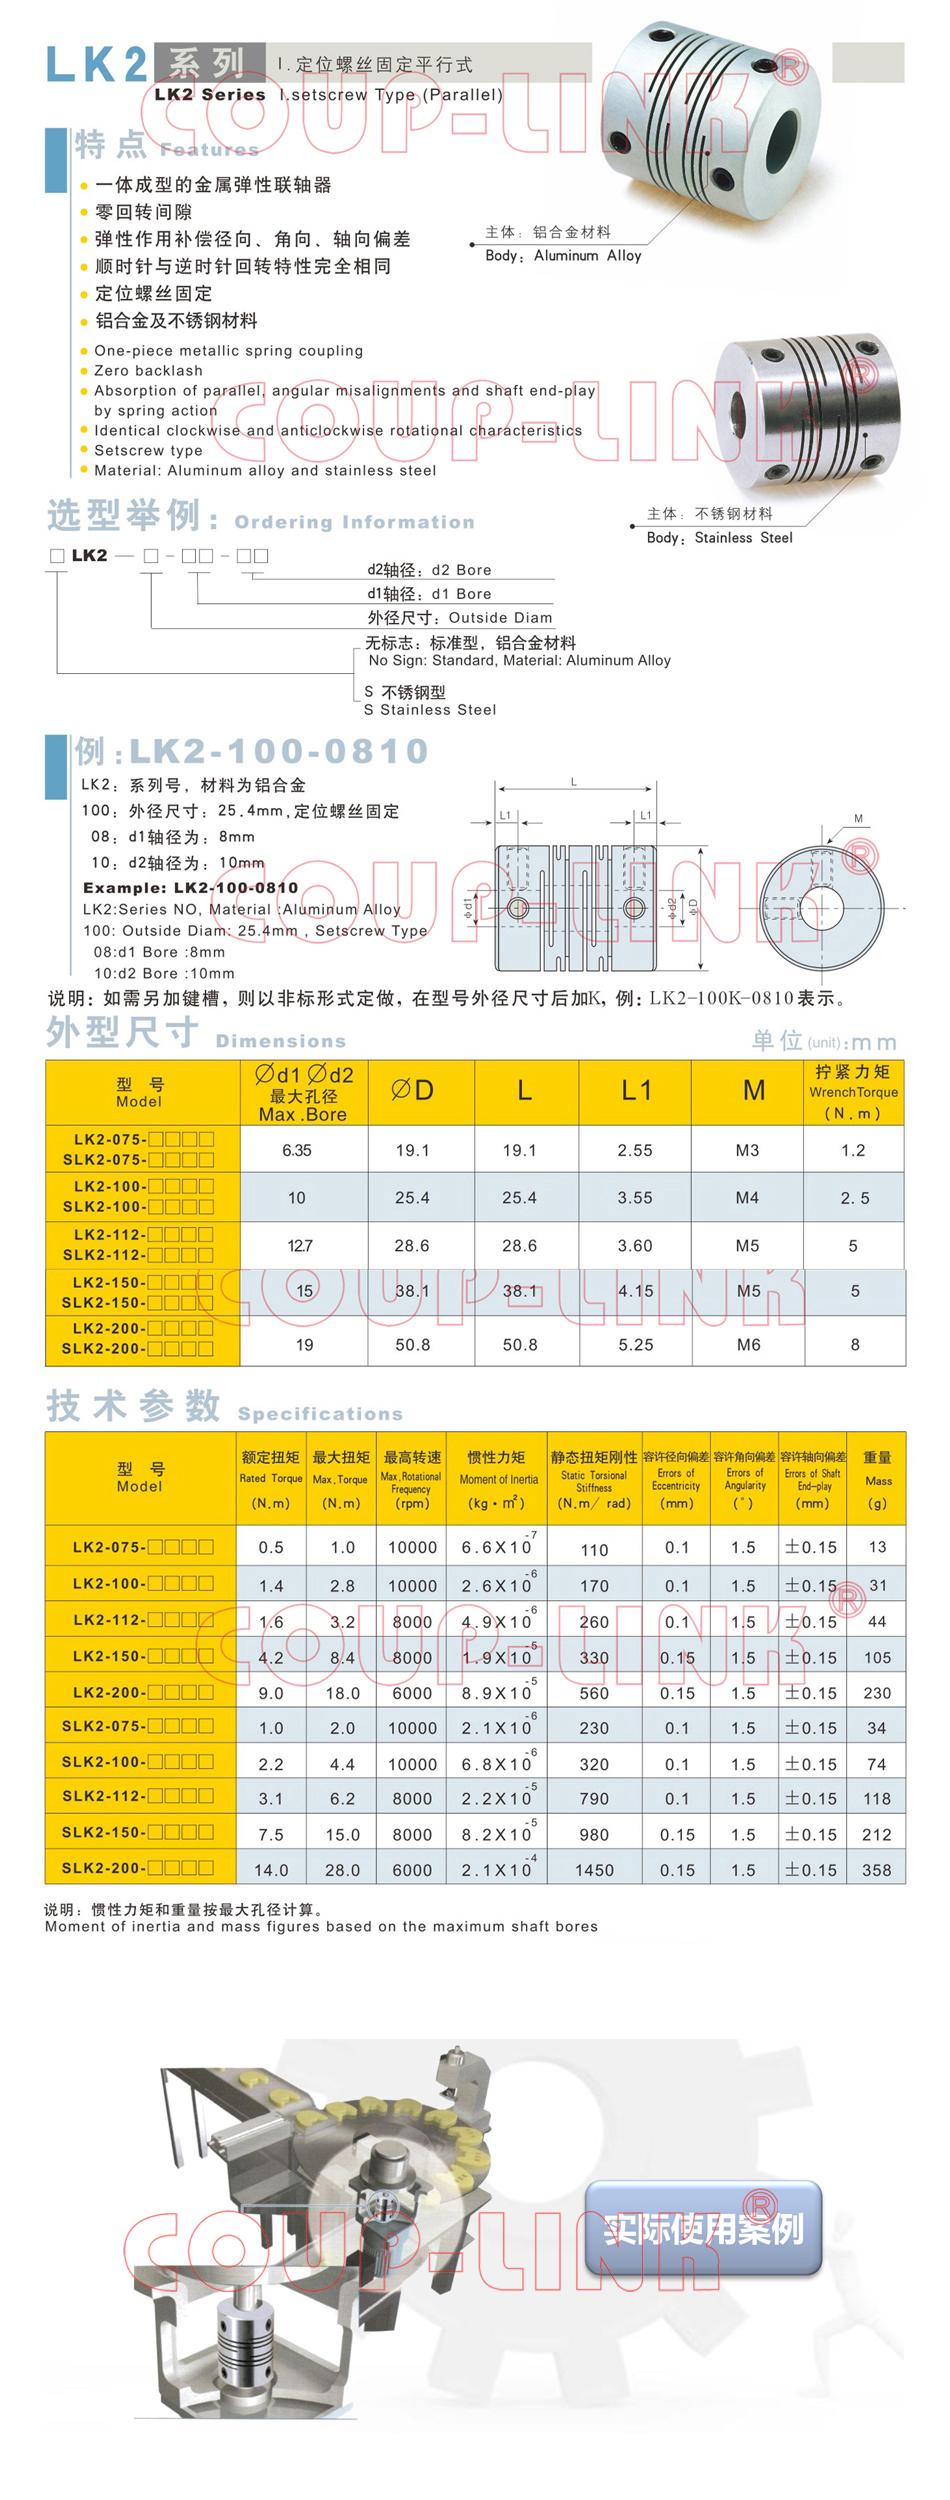 LK2系列 定位螺丝固定平行式_联轴器种类-广州菱科自动化设备有限公司